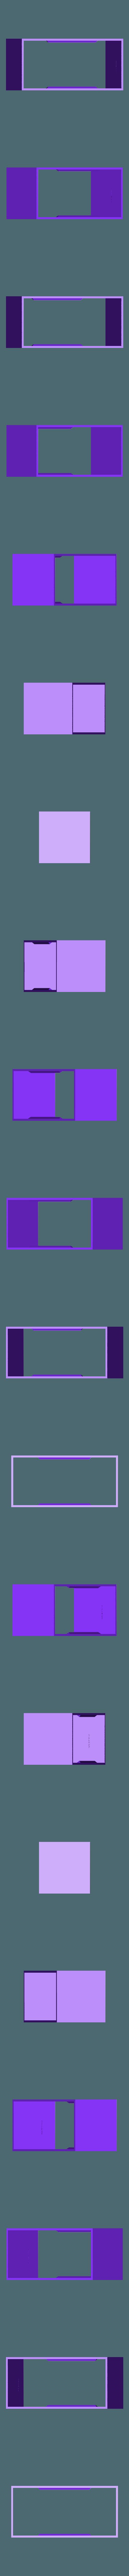 Front_Section_FINAL.stl Télécharger fichier STL gratuit Affaire Riden RD6006 sur l'alimentation électrique • Objet imprimable en 3D, christinewhybrow